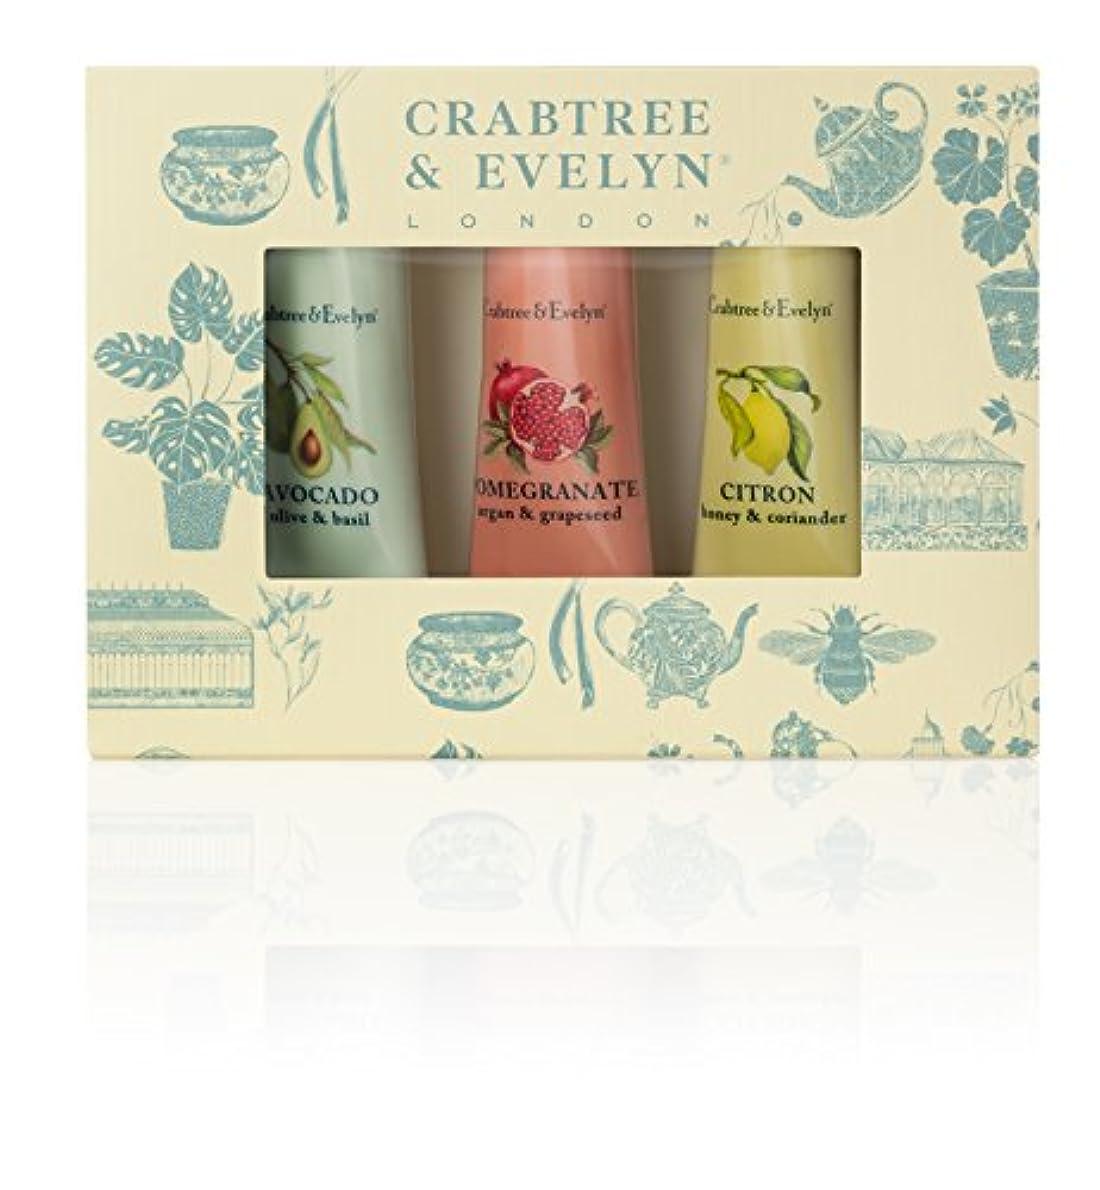 怠誘発する兵隊クラブツリー&イヴリン Botanicals Hand Therapy Set (1x Citron, Honey & Coriander, 1x Pomegranate, Argan & Grapeseed, 1x Avocado...